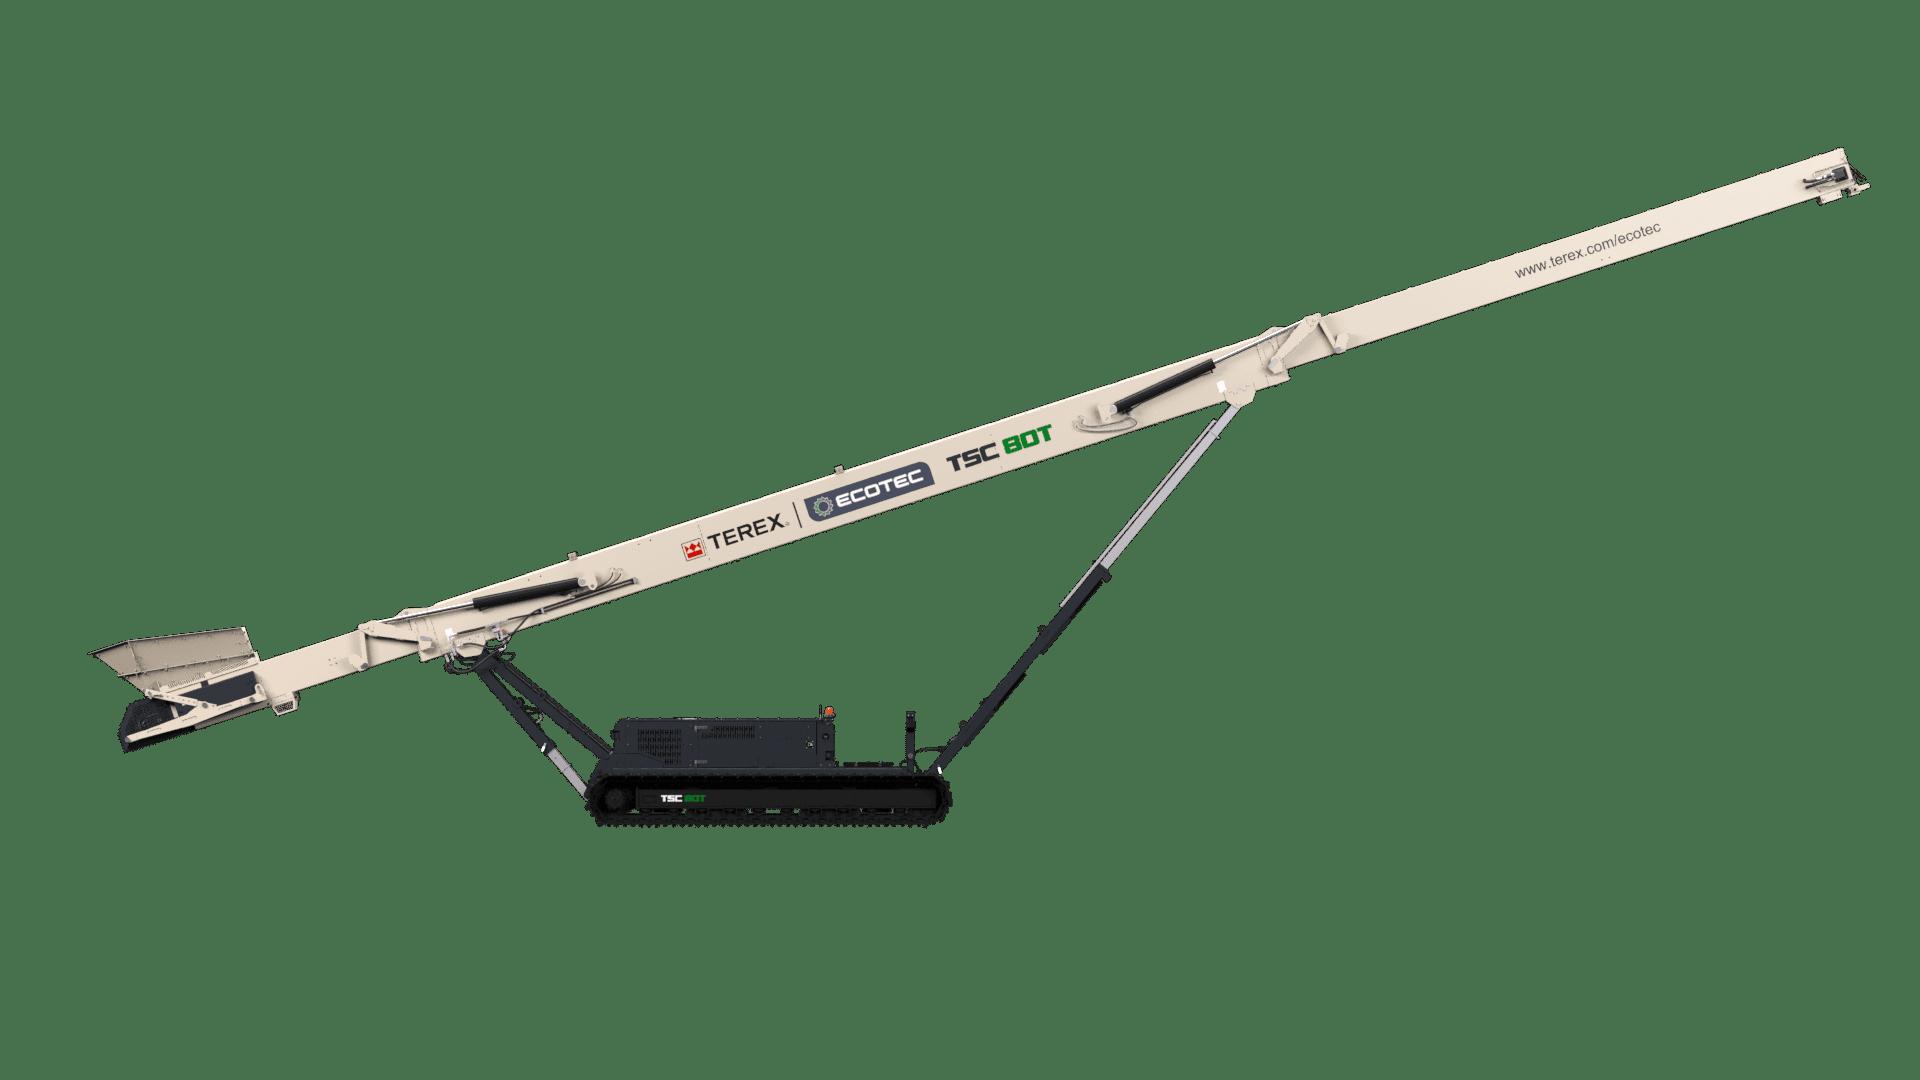 Terex Ecotec TSC 80T tracked stacker